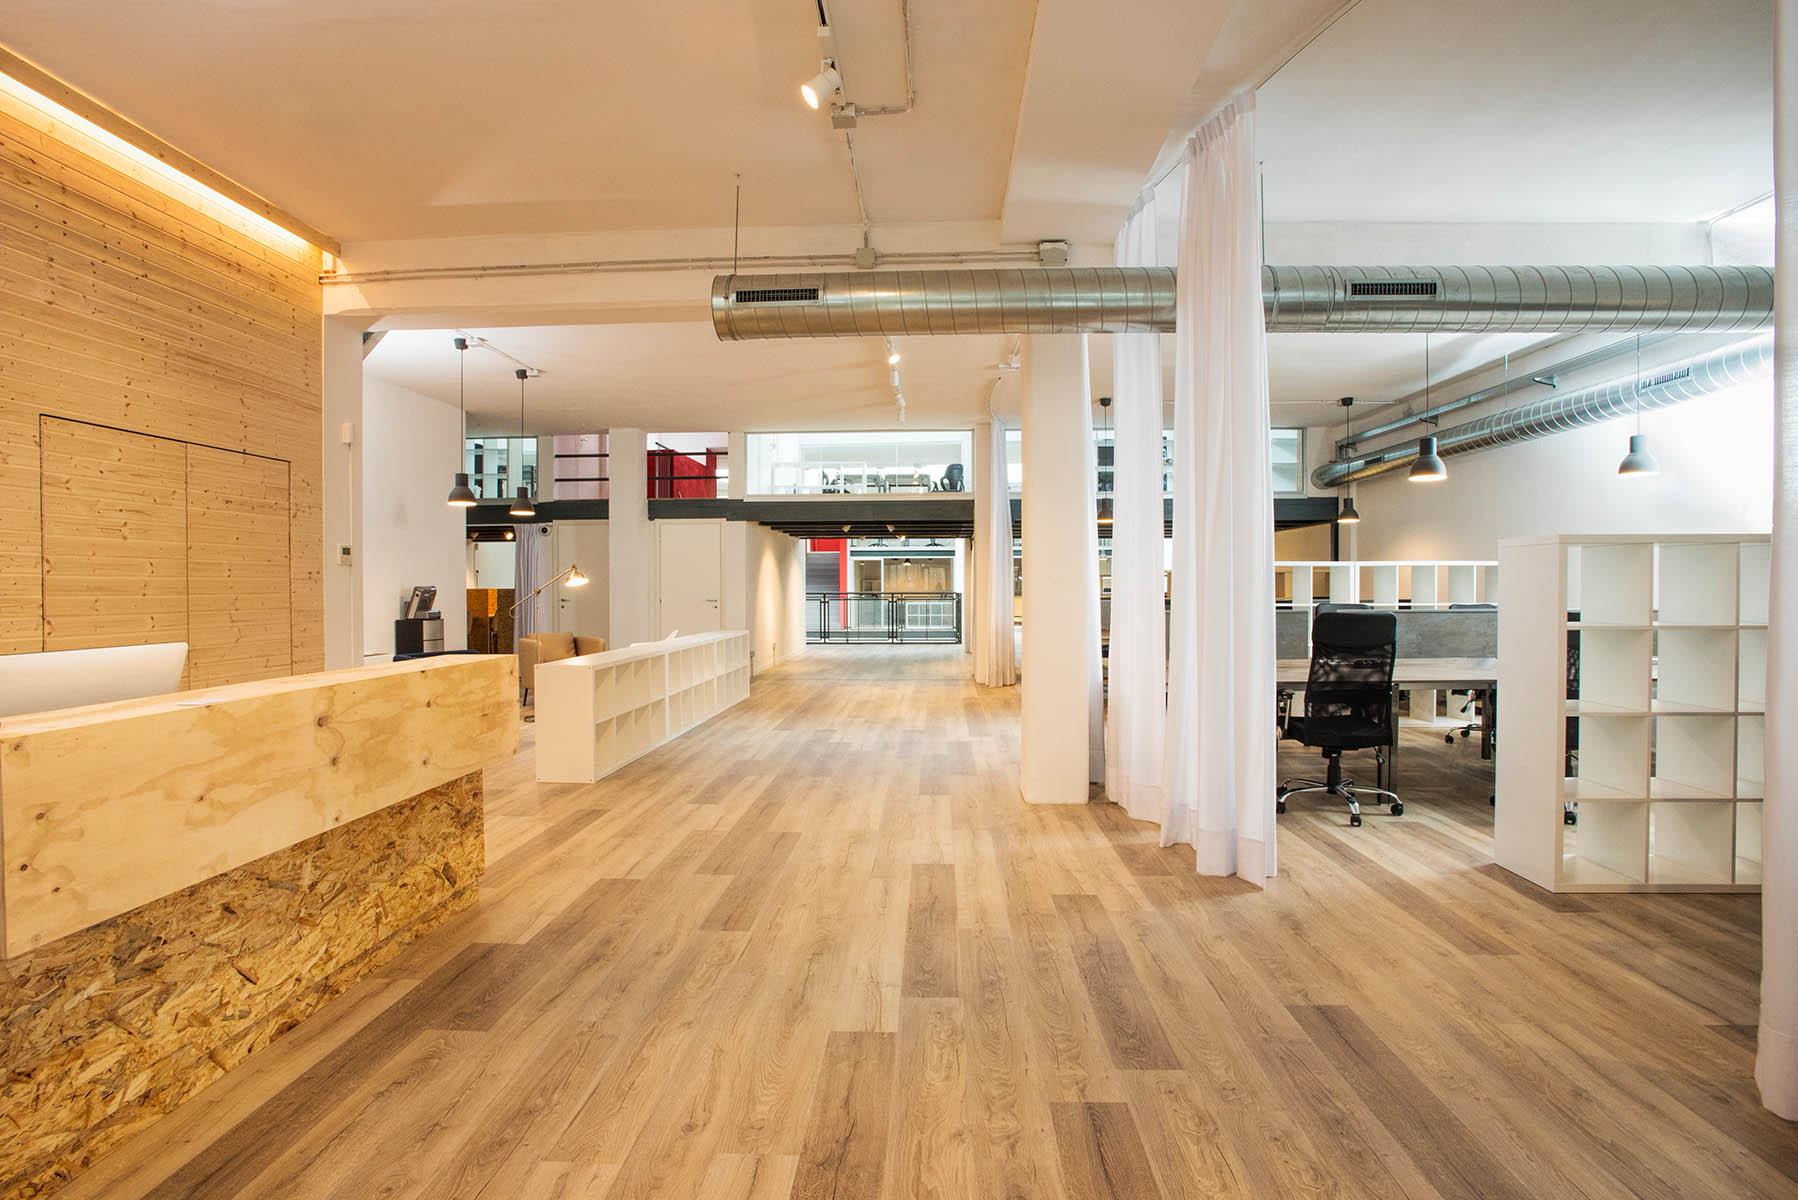 Uffici condivisi milano isola in spazio coworking yoroom for Uffici attrezzati milano